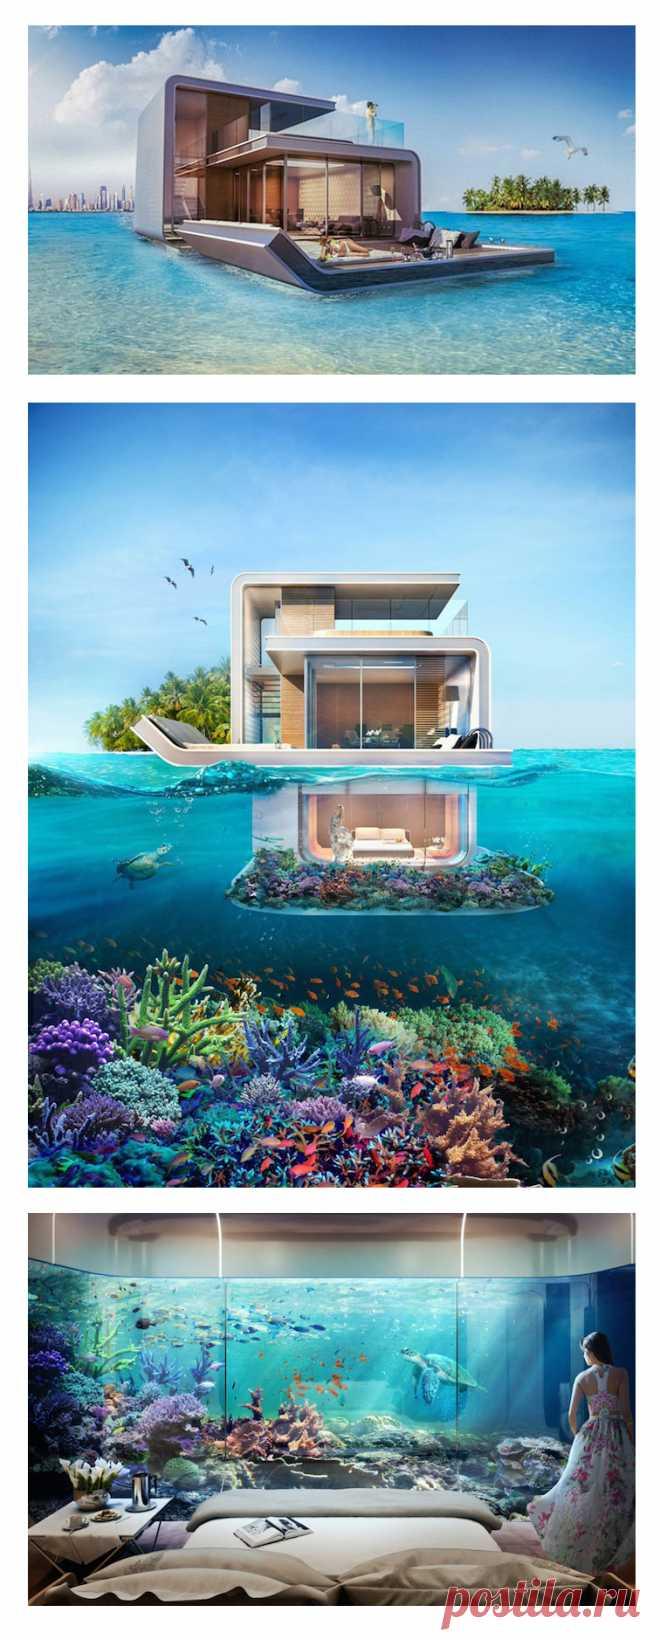 А посмотрите-ка какой плавучий дом придумали строить в арабских эмиратах! Этакая плавающая недвижимость, или плавающая плавающесть... вобщем поражаемся.